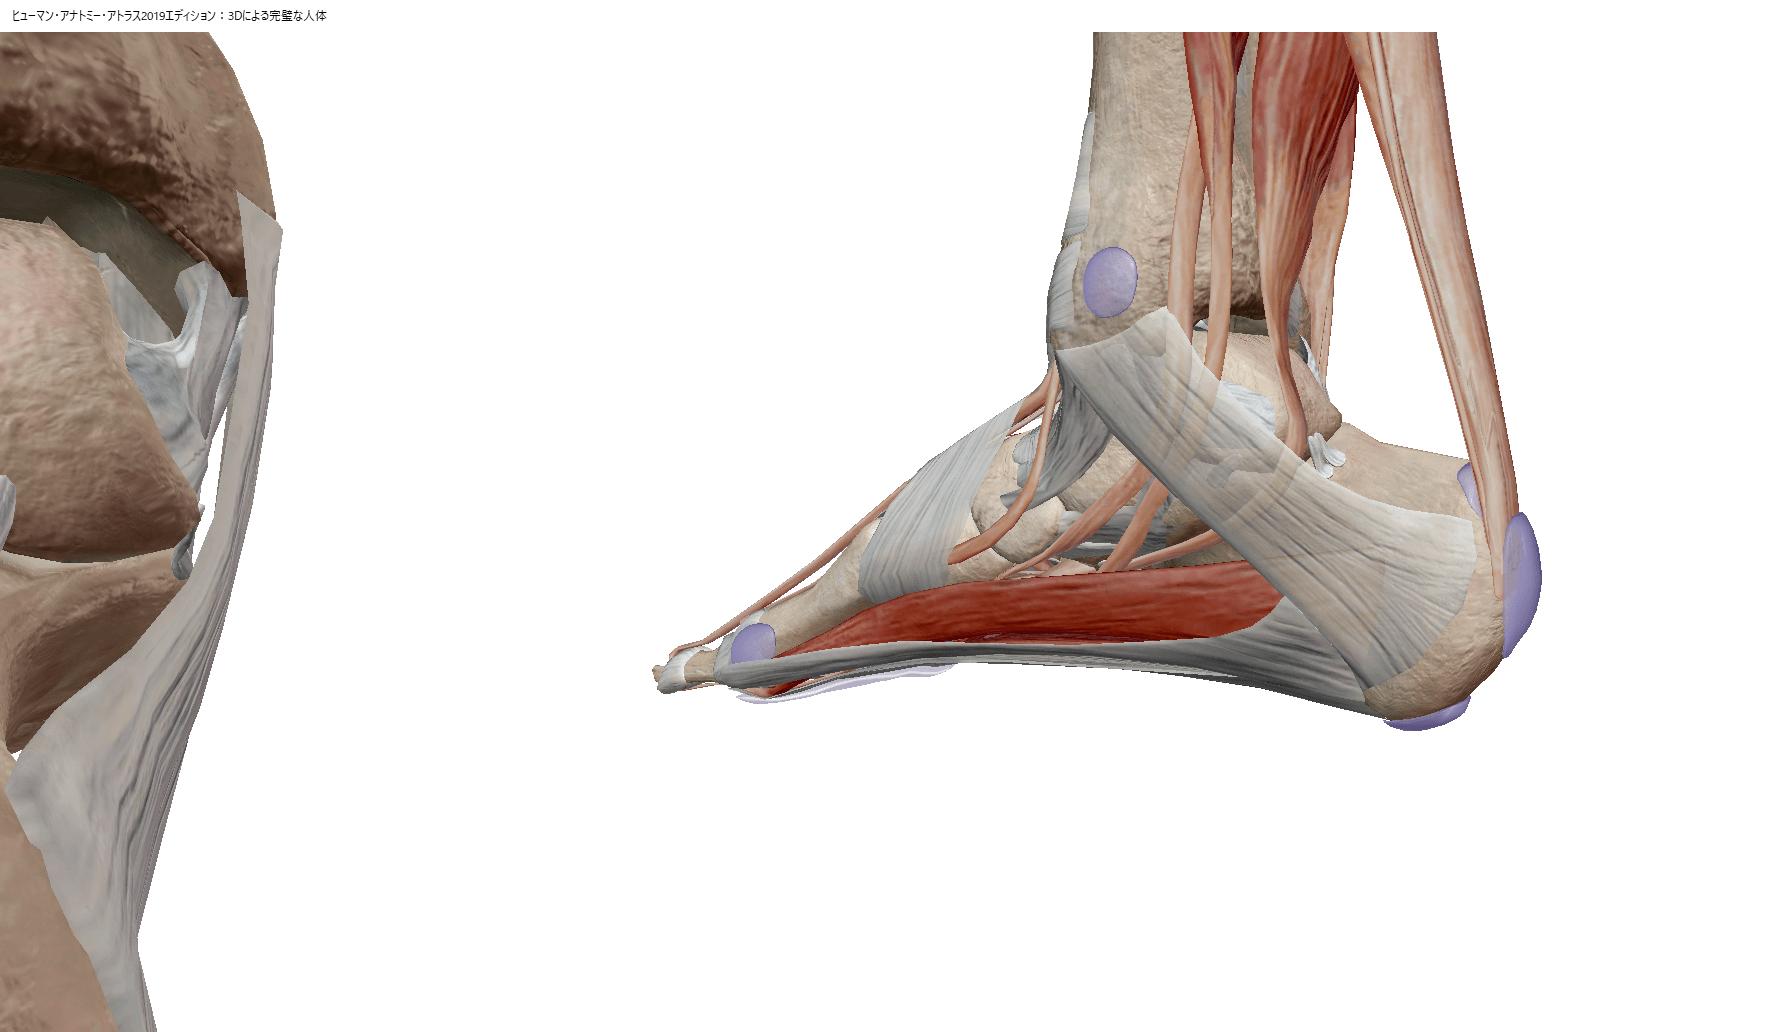 患者さんへの傷病説明をより理解しやすくするために3Dで操作できる解剖アプリ 「ヒューマンアナトミーアトラス」を導入しました。